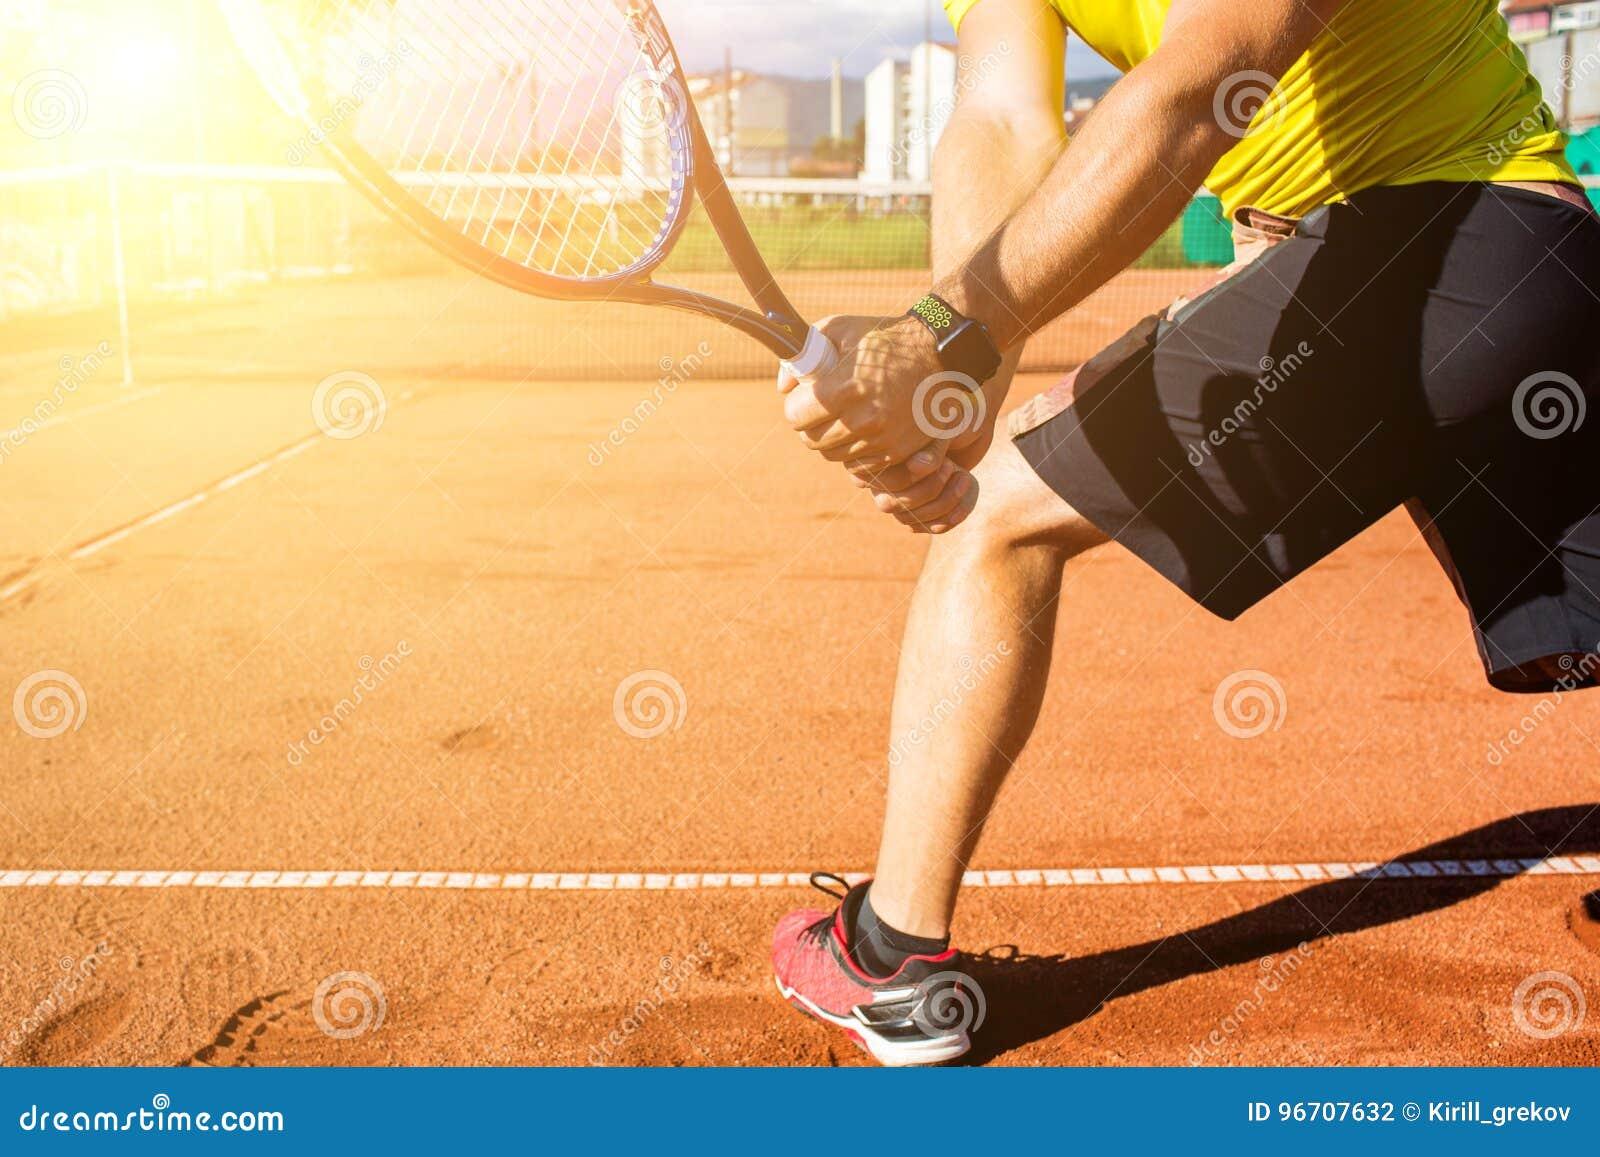 Männliche Hand mit Tennisschläger